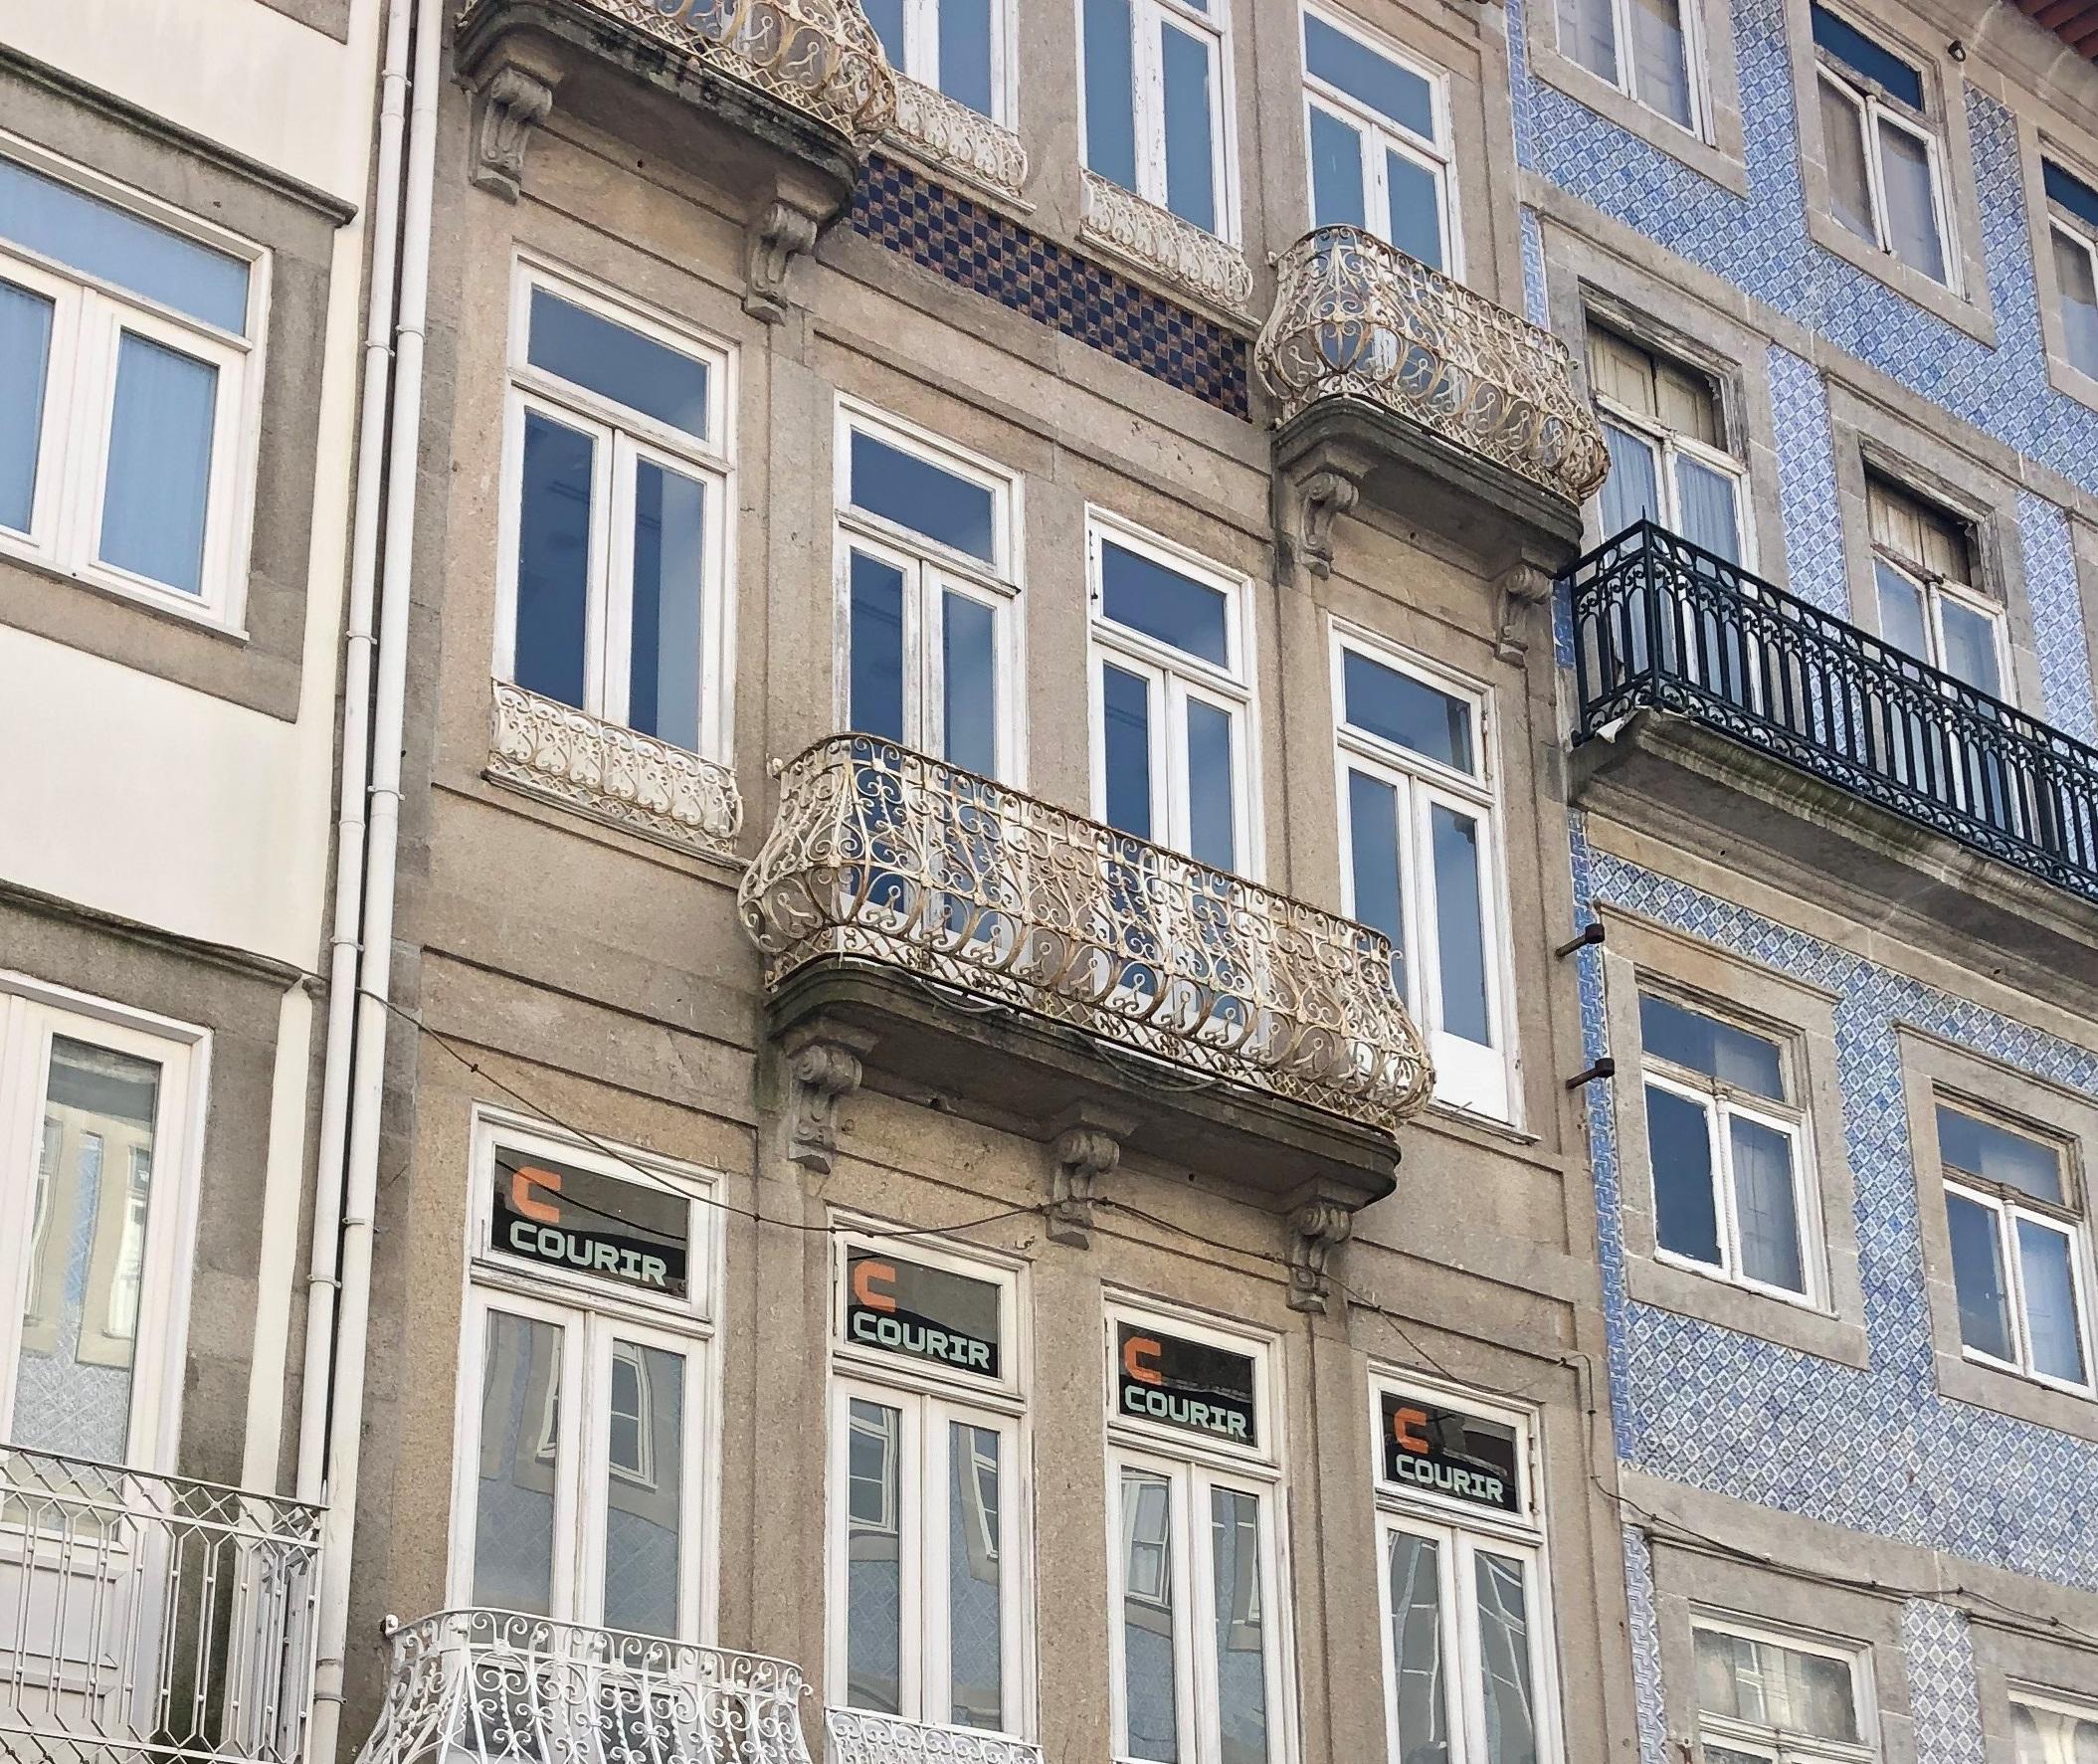 Lynx compra edifício na rua de Santa Catarina por 5 milhões